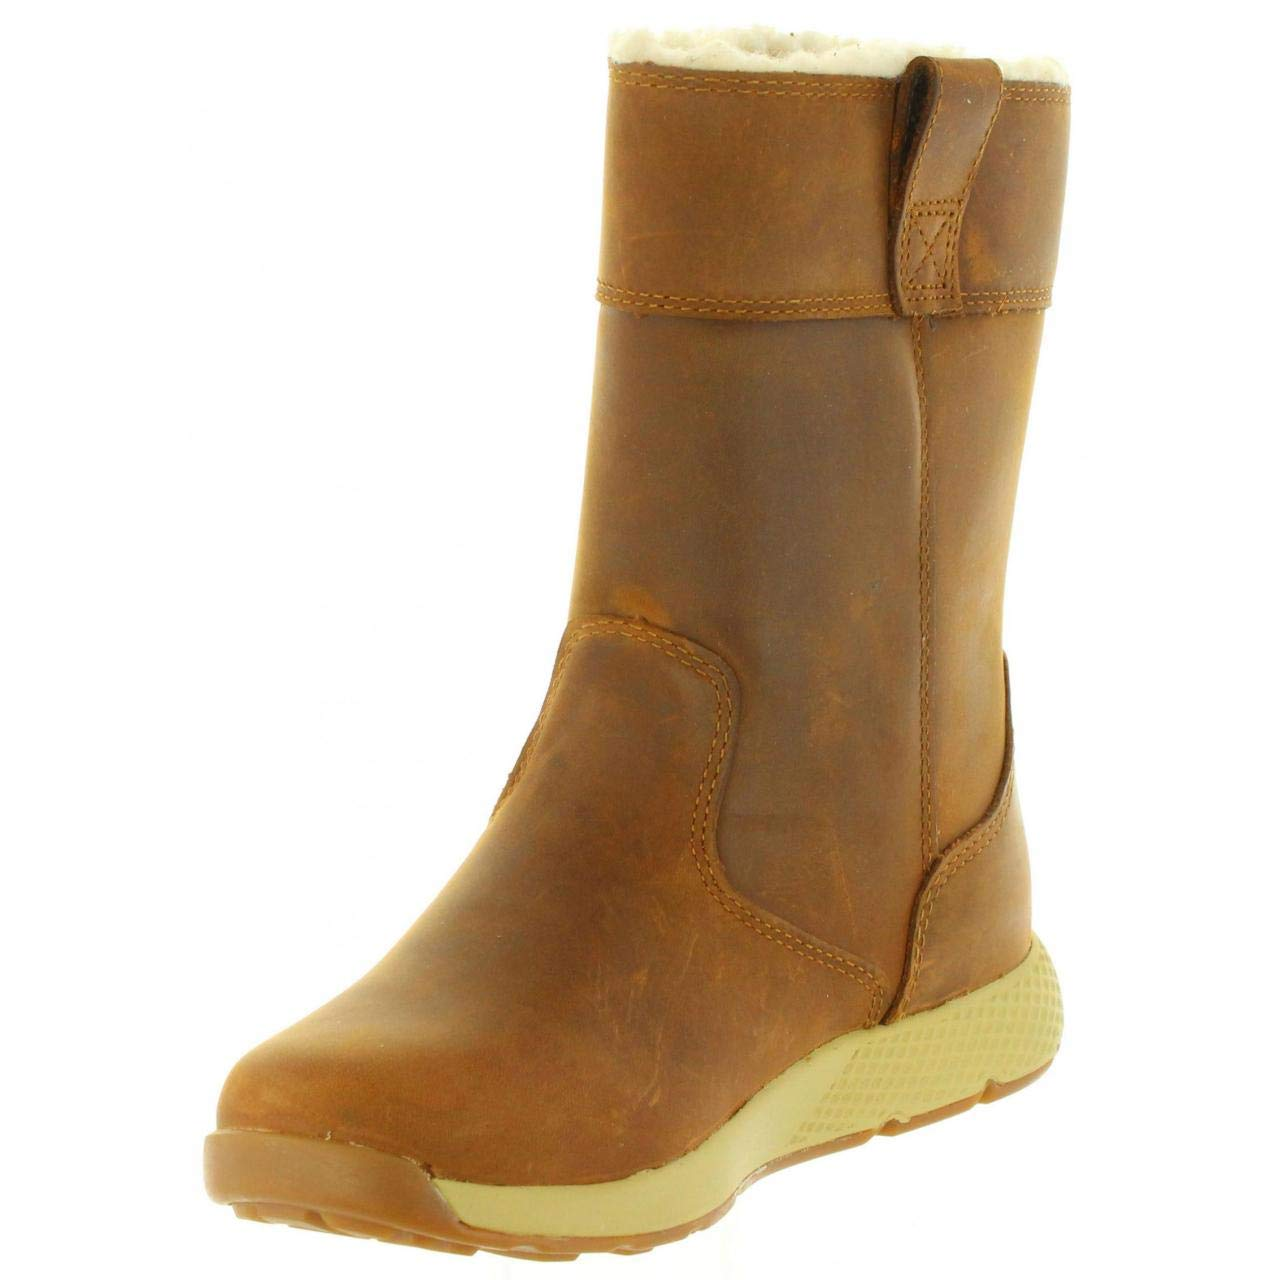 Mr.   Ms. Ms. Ms. Timberland Metroroam, scarpe per Donna. In vendita Prezzo basso Logistica estrema velocità | Il Più Economico  75ed18